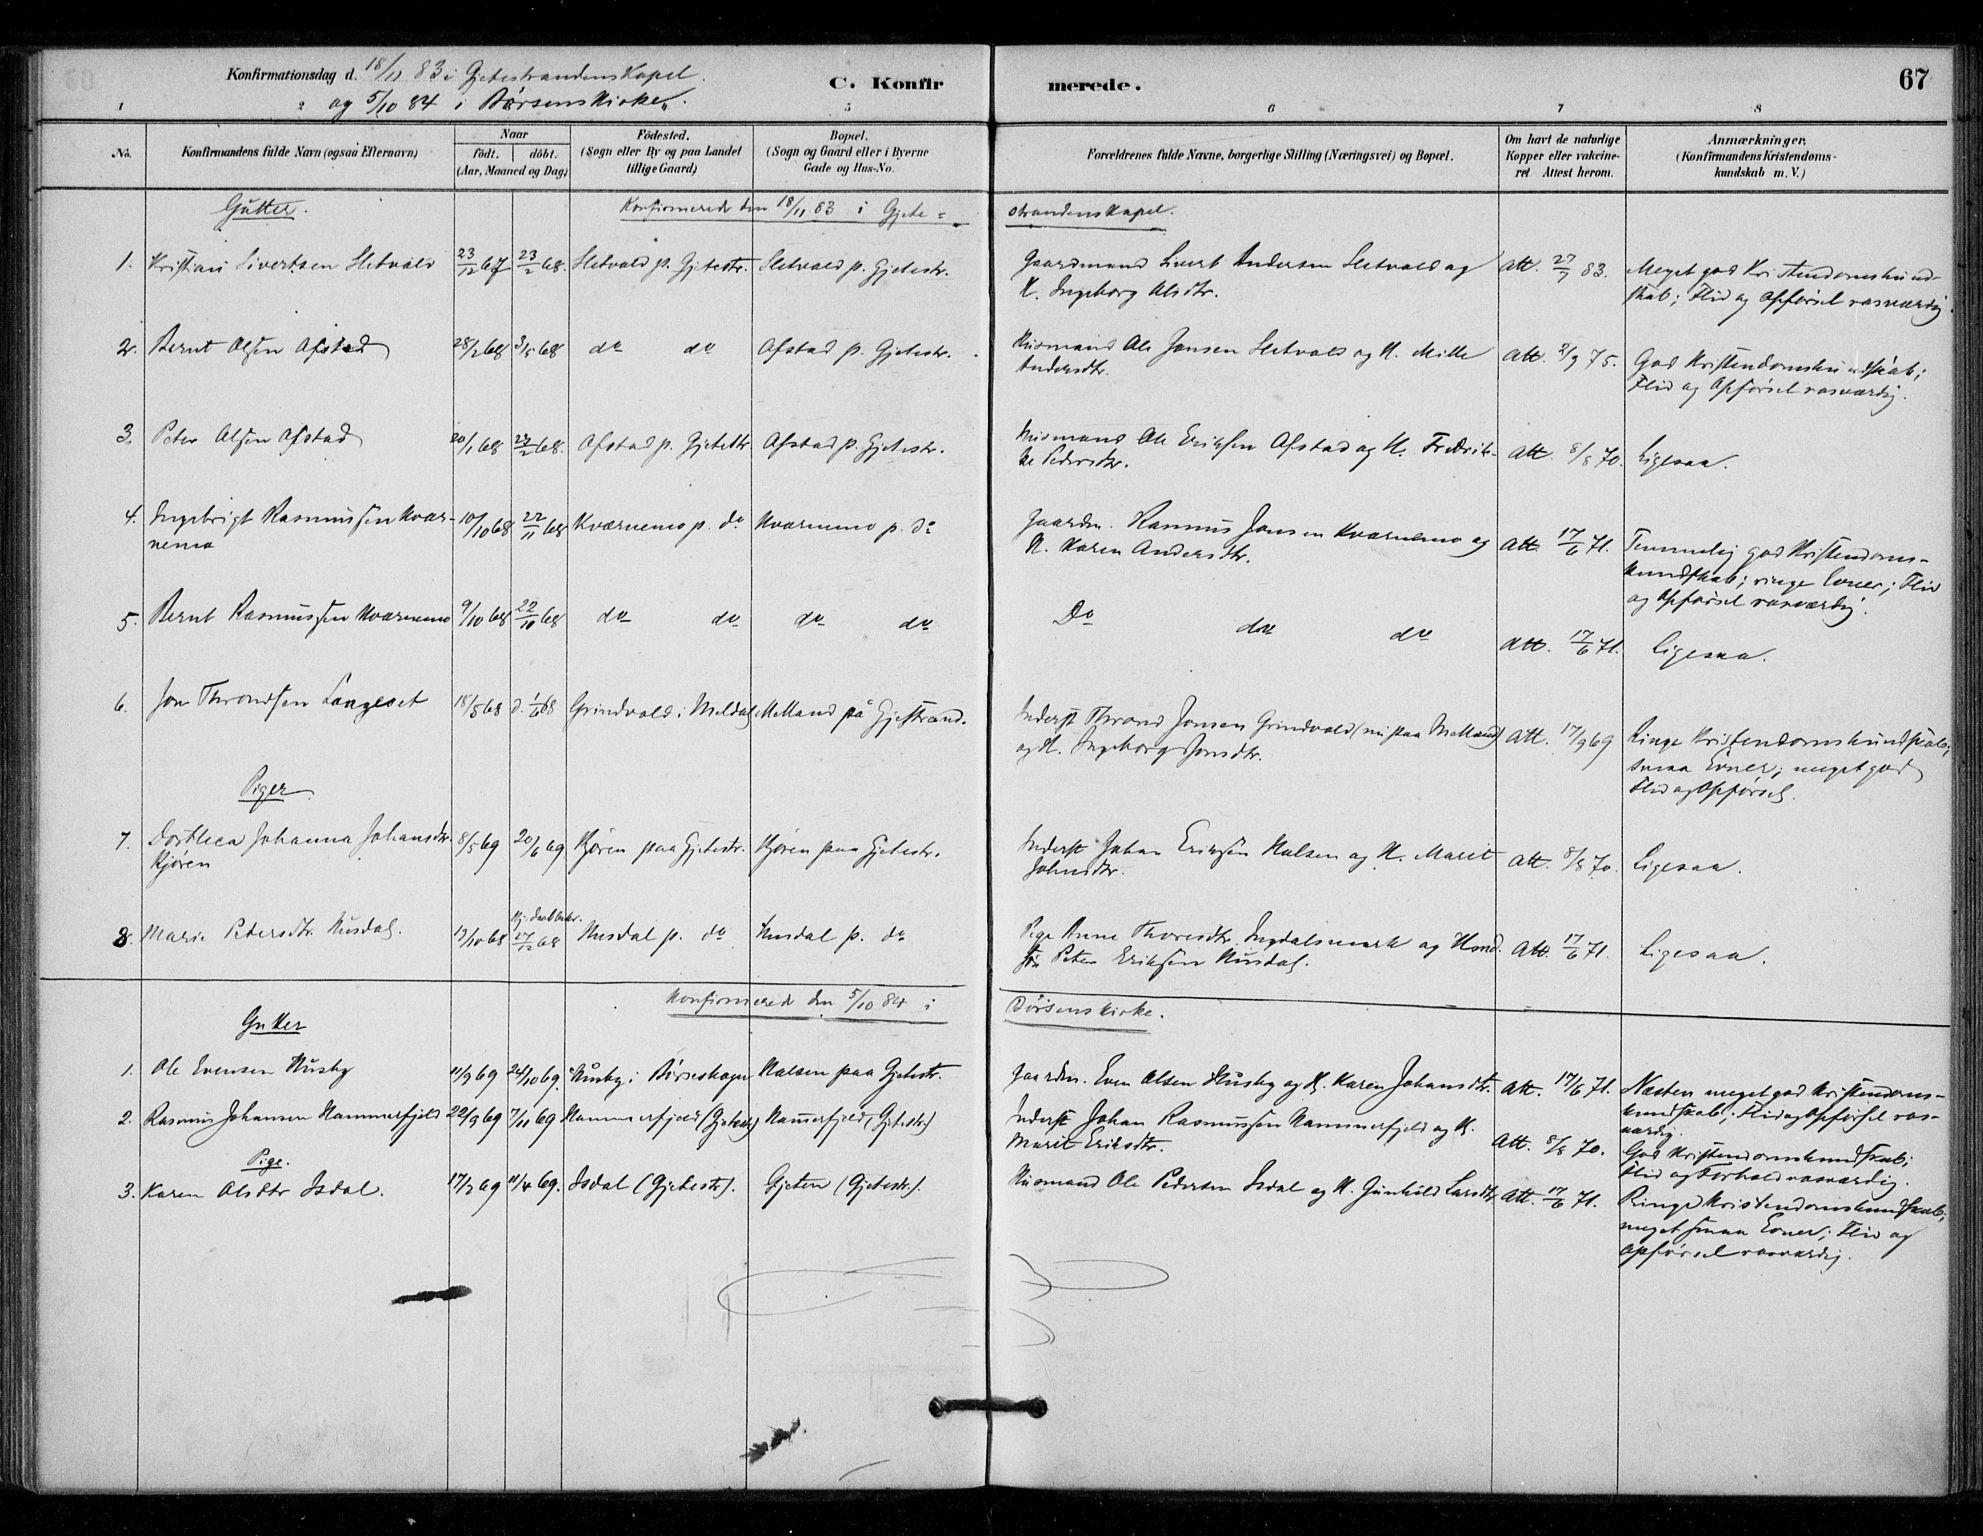 SAT, Ministerialprotokoller, klokkerbøker og fødselsregistre - Sør-Trøndelag, 670/L0836: Ministerialbok nr. 670A01, 1879-1904, s. 67